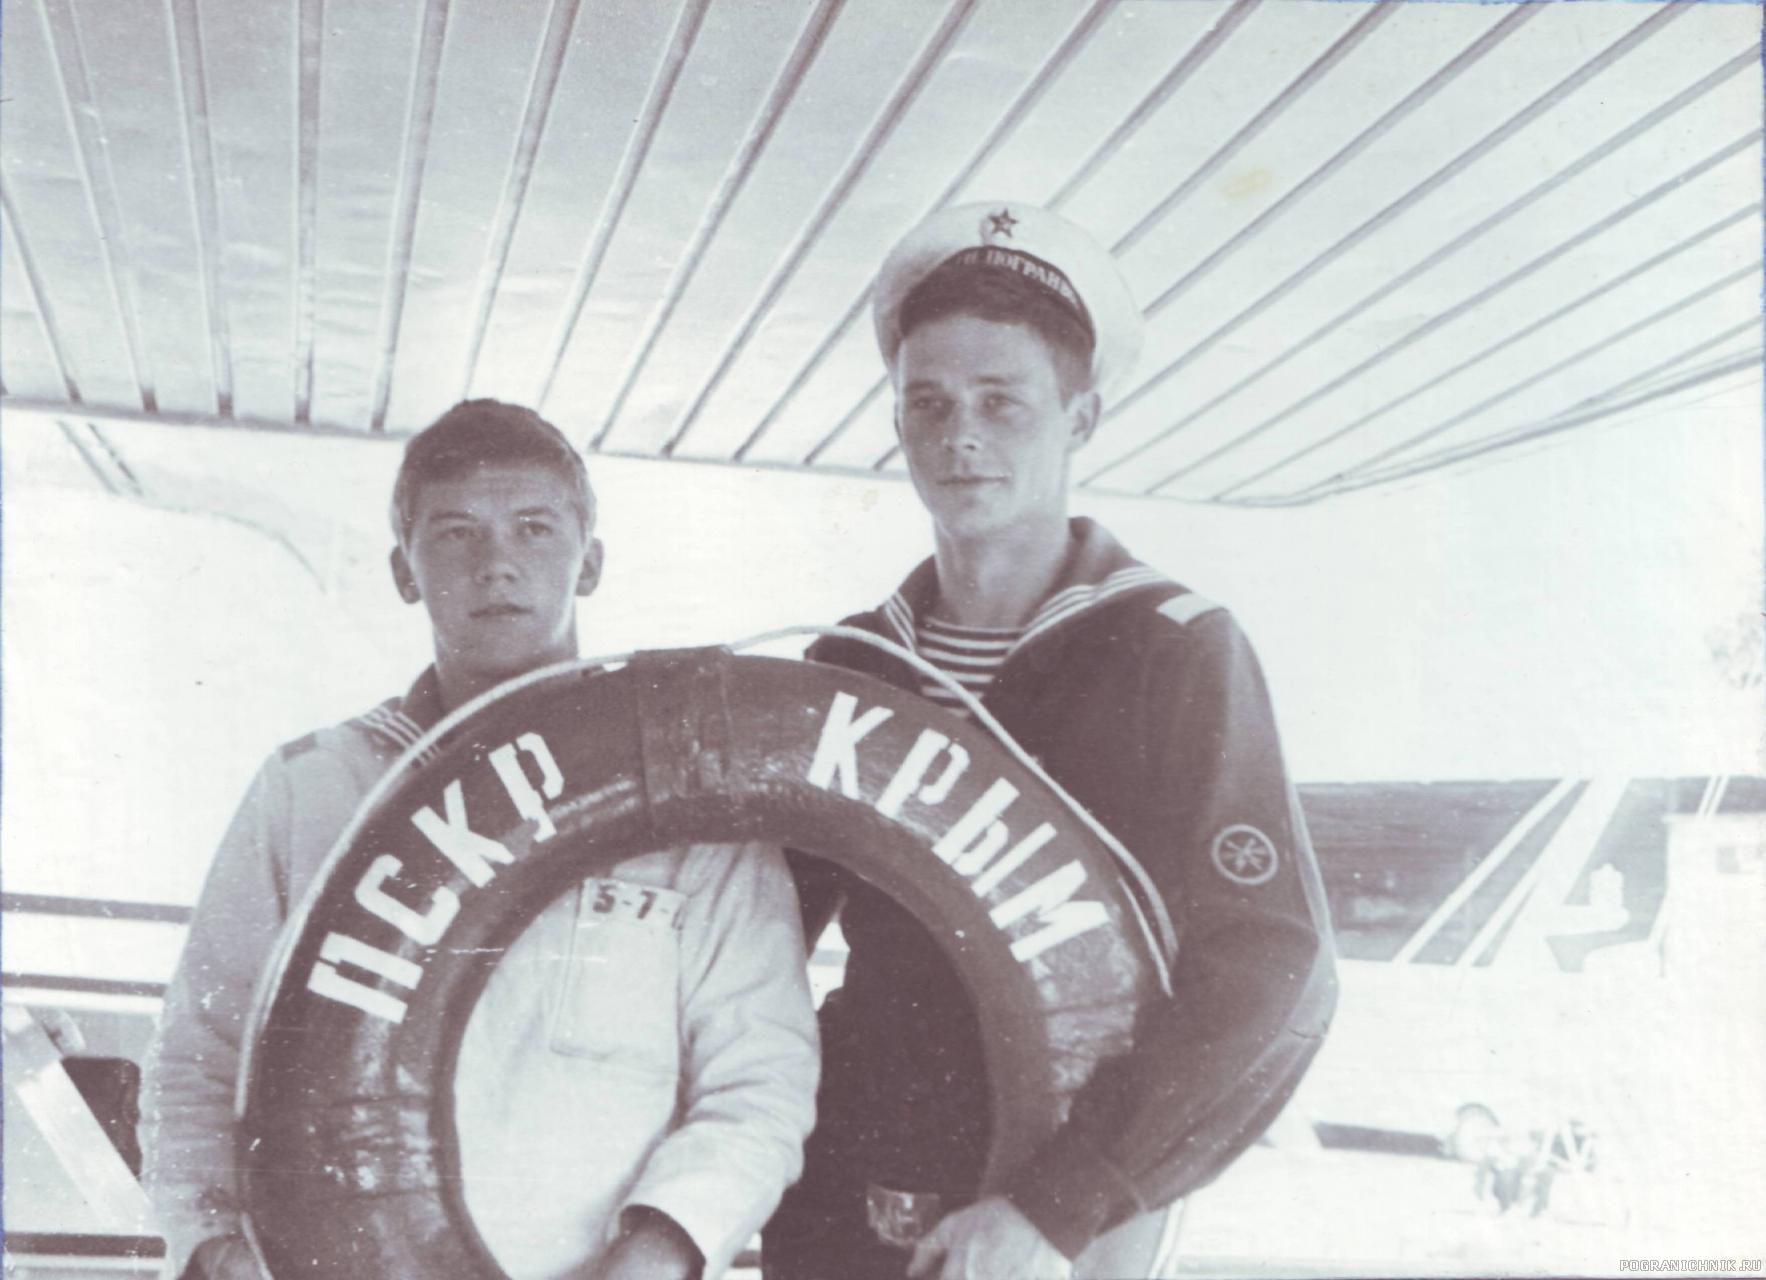 1980 г. На борту ПСКР «Крым» главный старшина Берстнев Андрей и главный старшина Усанов Сергей.